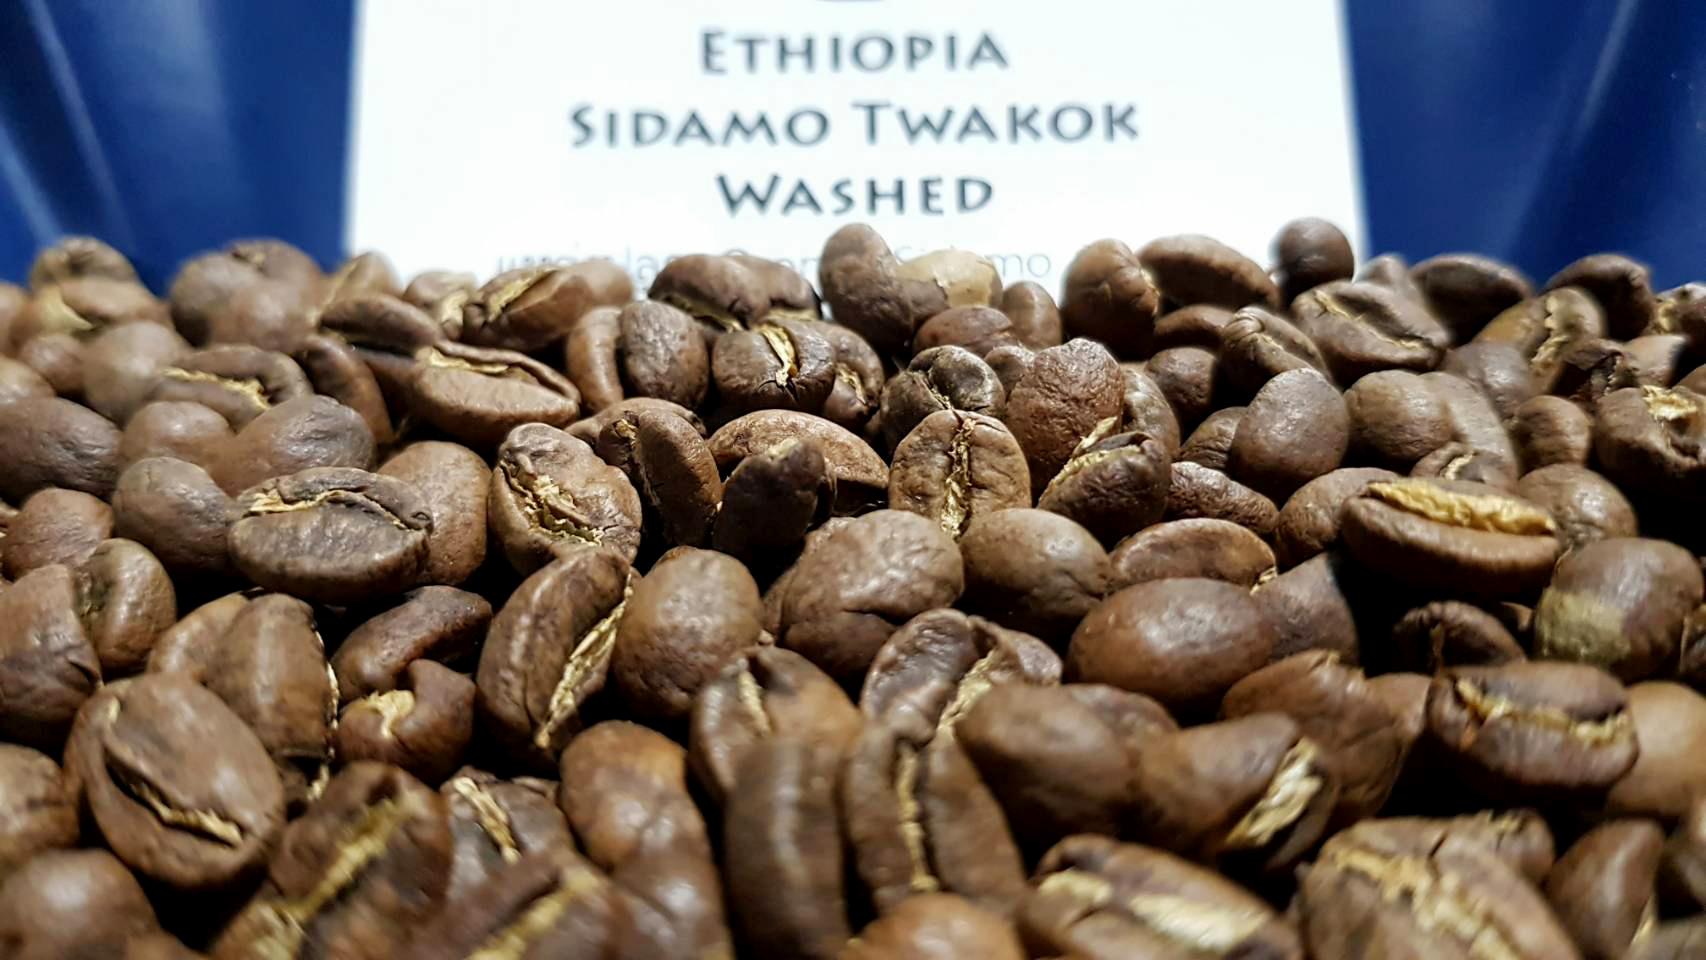 Ethiopia Sidamo Twakok Washed